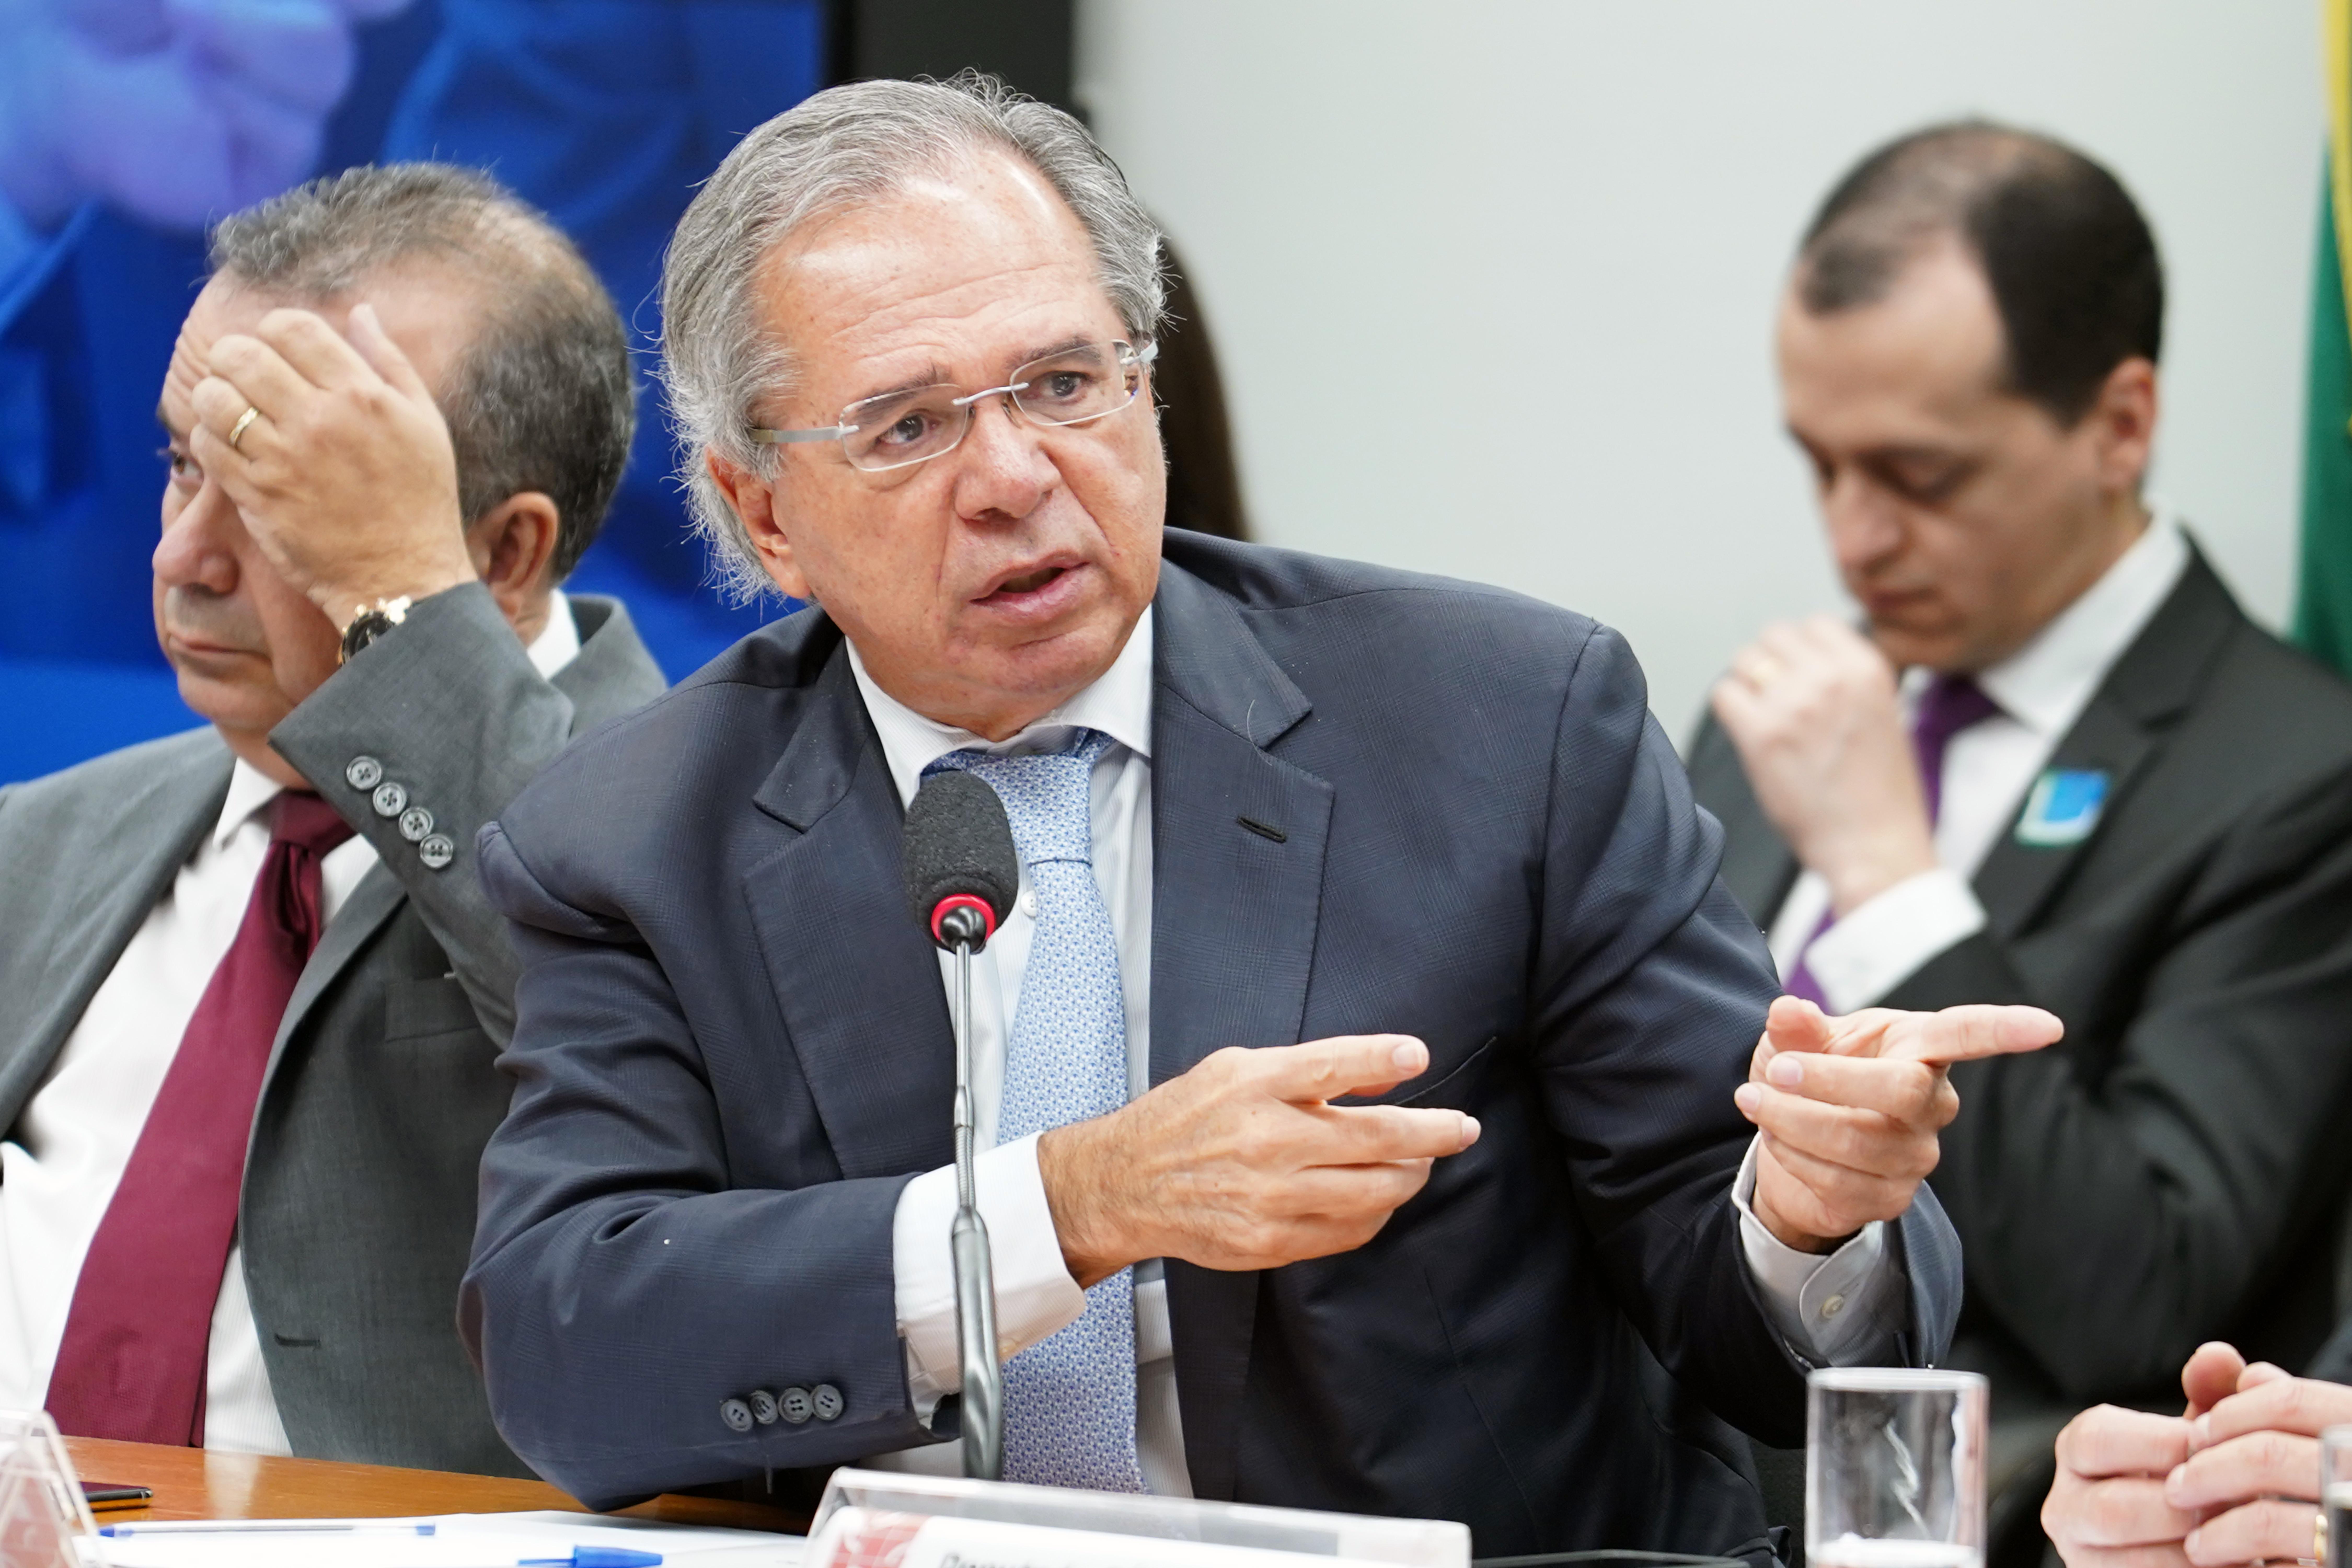 Guedes defende reforma tributária e pacto federativo em sequência à reforma da Previdência